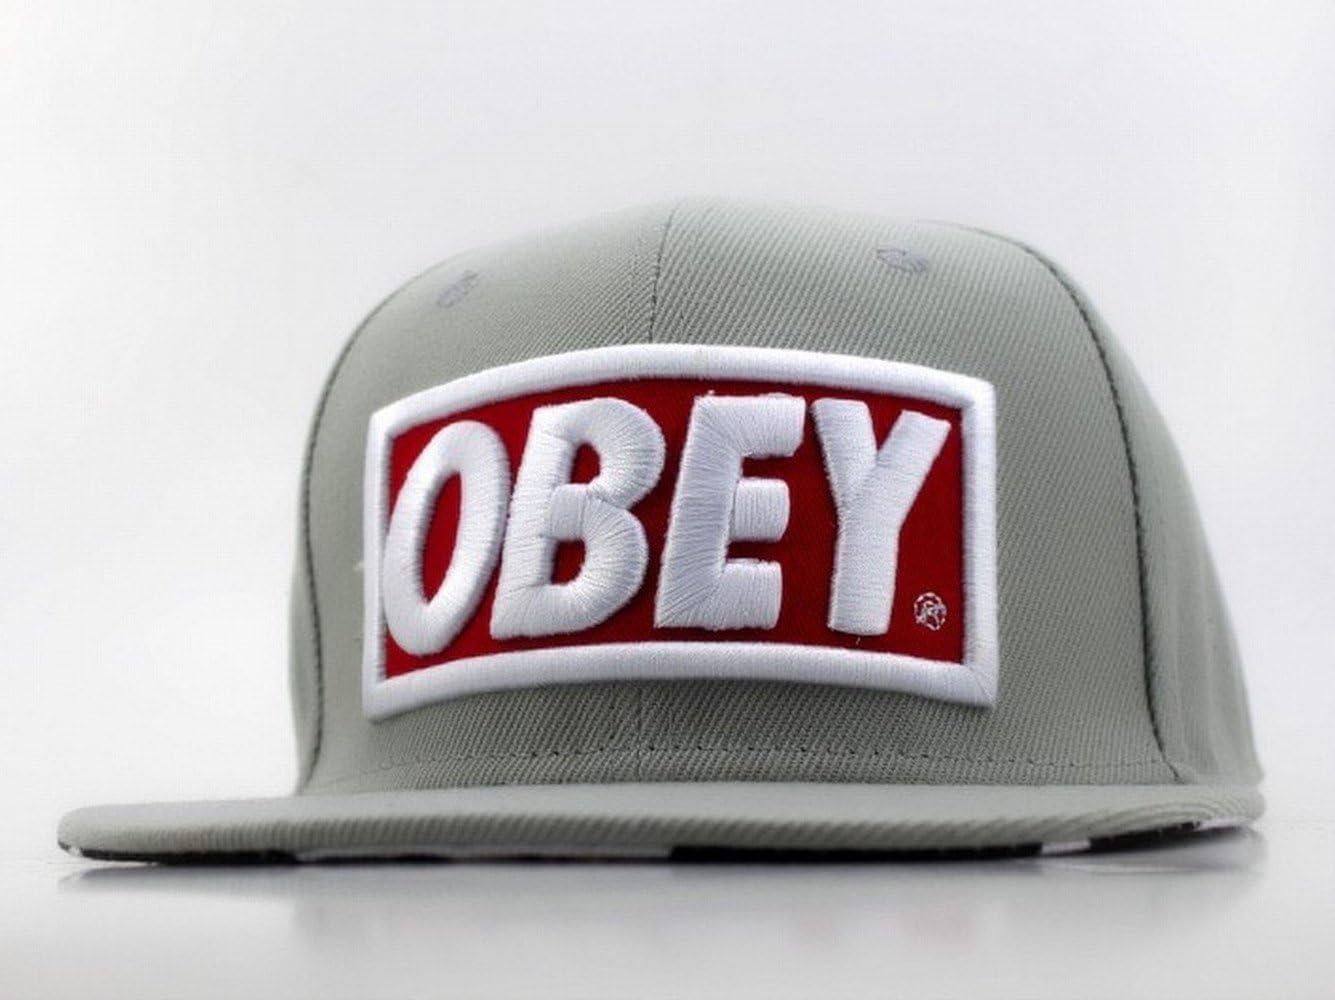 Obey Snapback Cap Hat Gorra grey Face Edition Last Kings LK Jay-Z ...